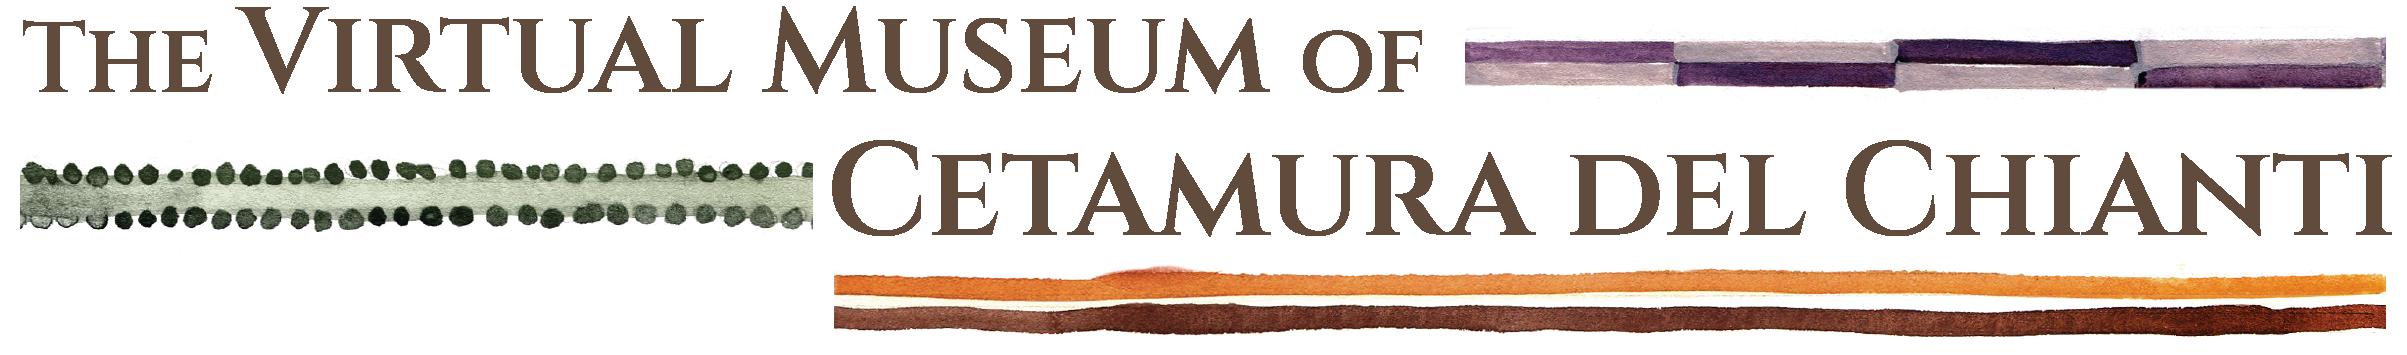 Museum - Cetamura del Chianti